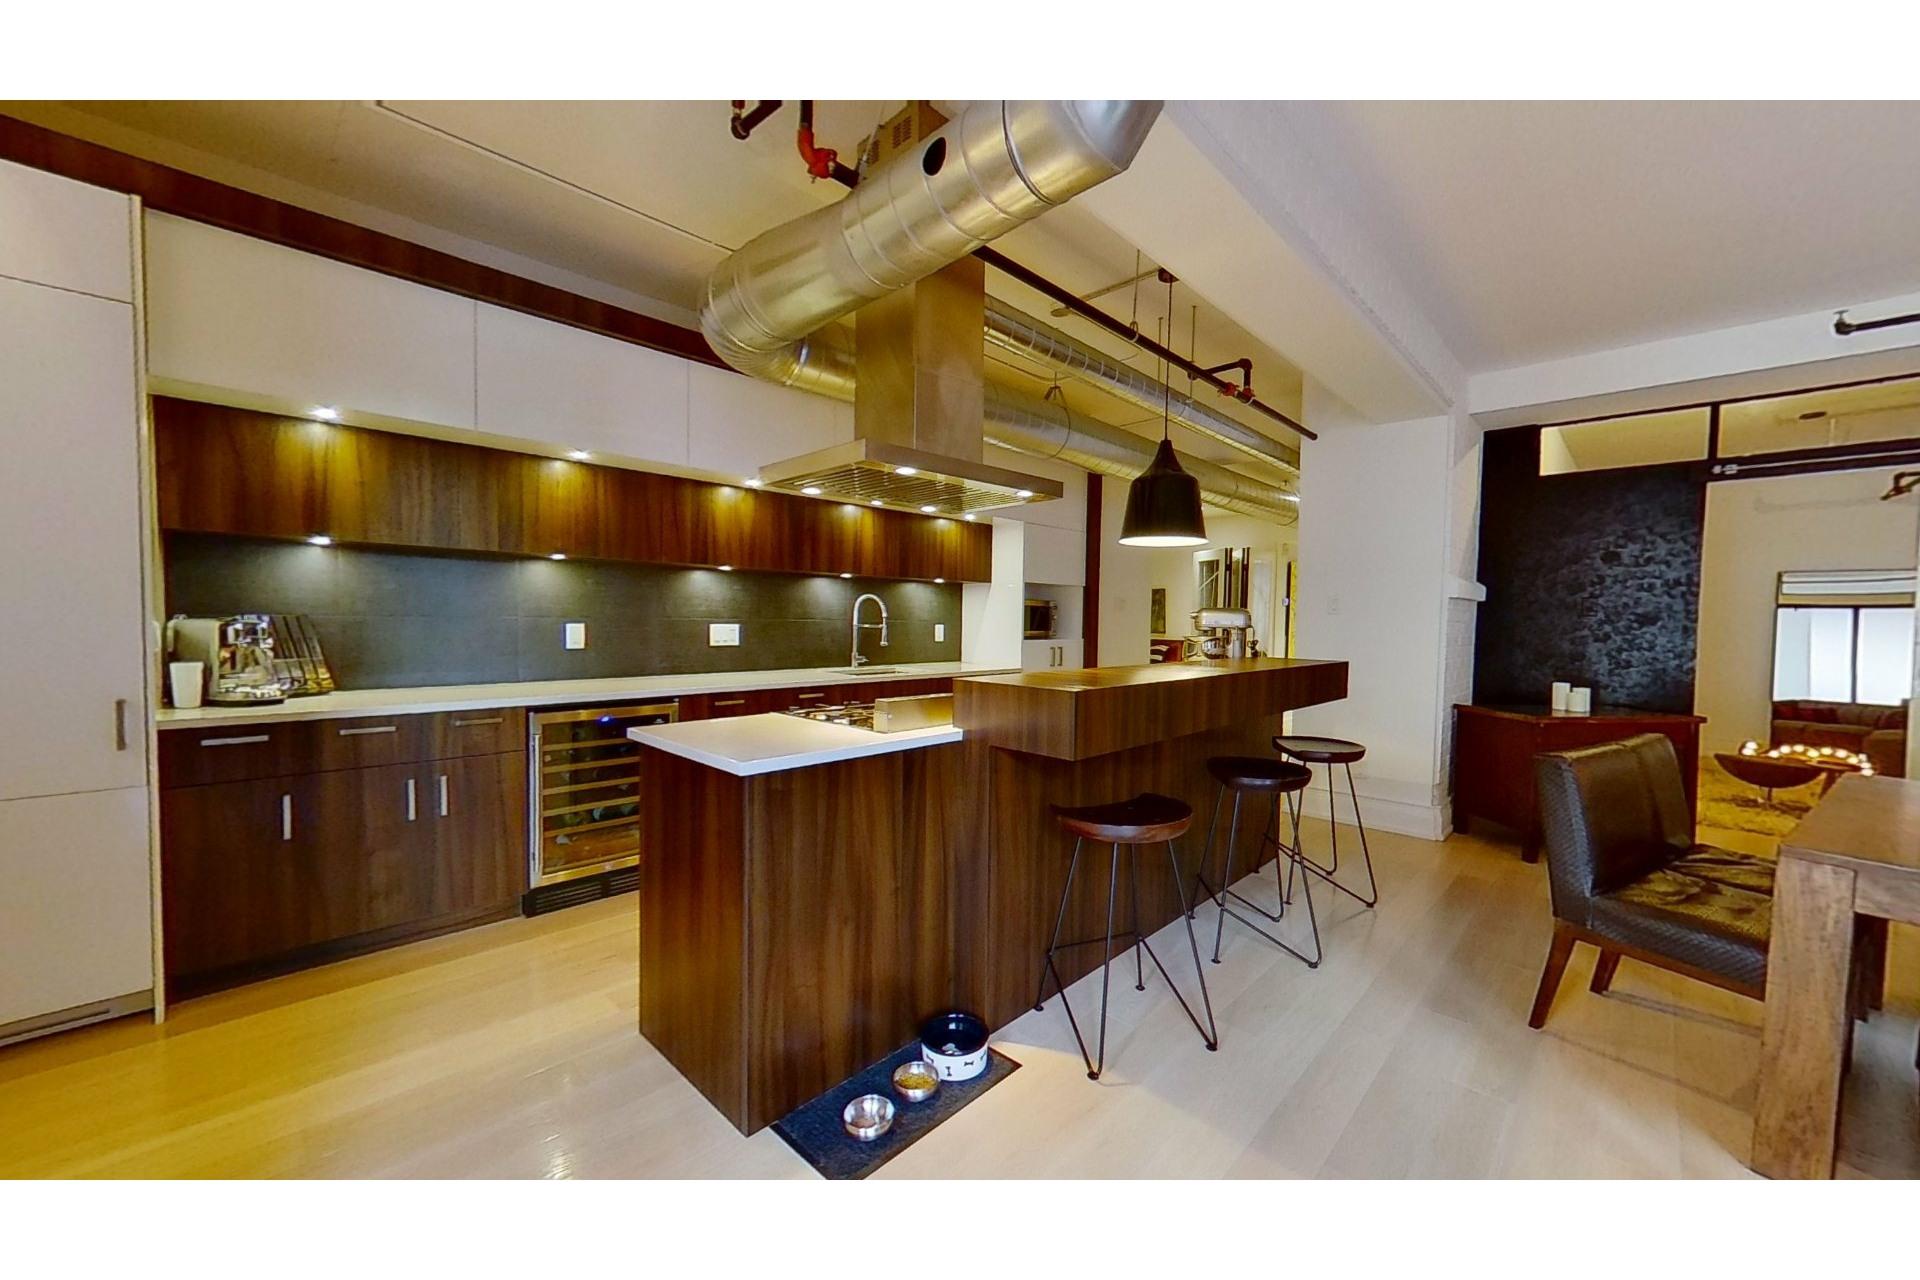 image 22 - Apartment For sale Ville-Marie Montréal  - 5 rooms